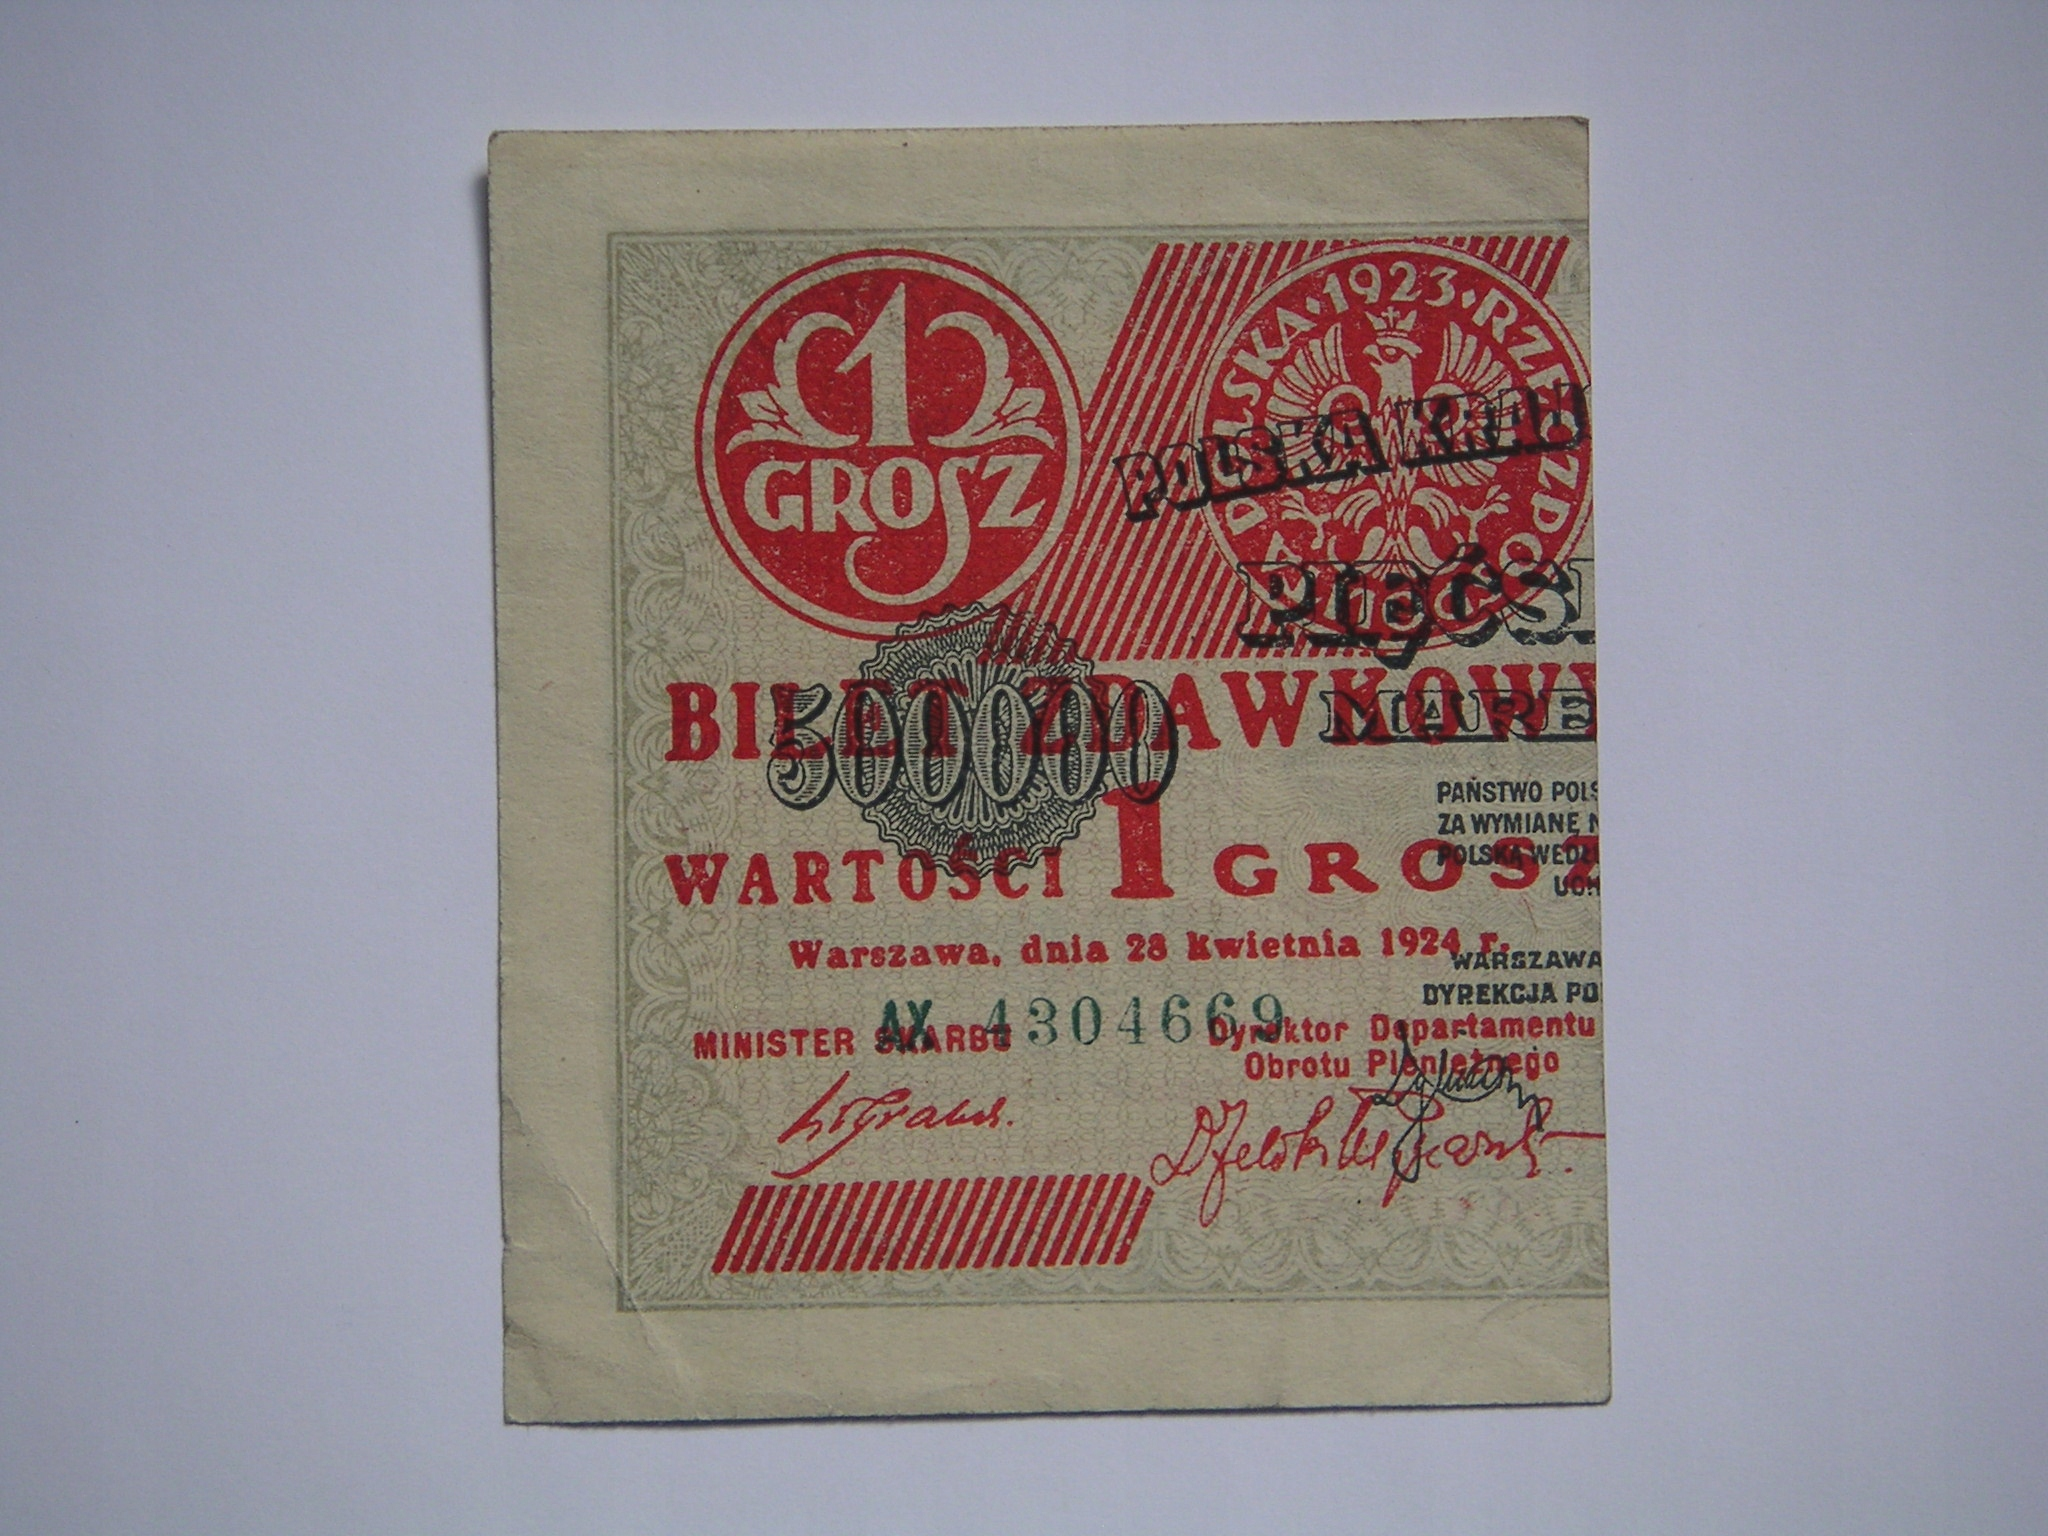 1 grosz - bilet zdawkowy z 1924r, seria AX 4304669